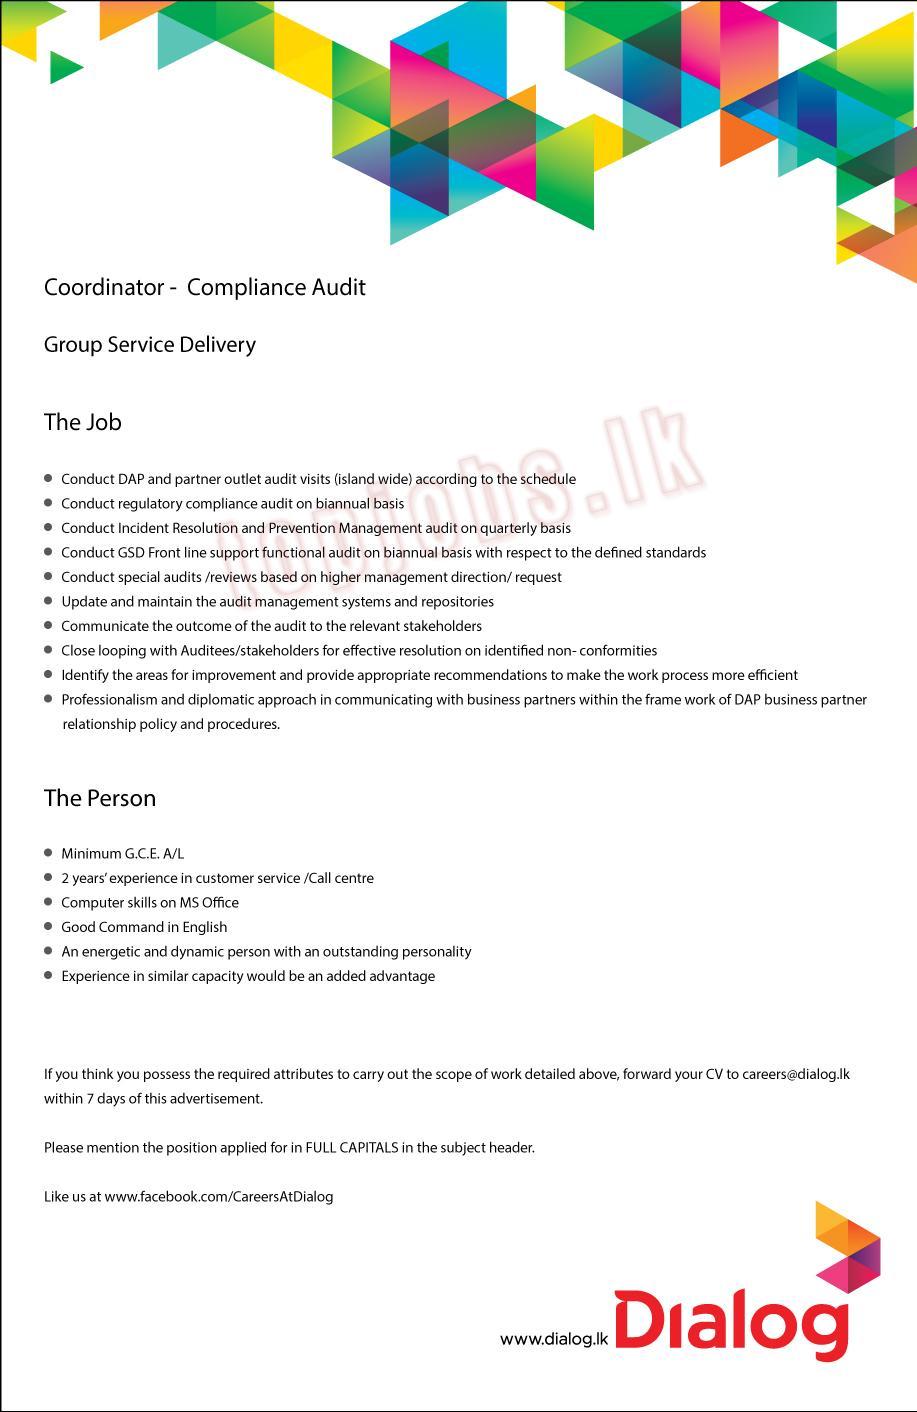 Vacancies in Dialog - OnlineJobs lk